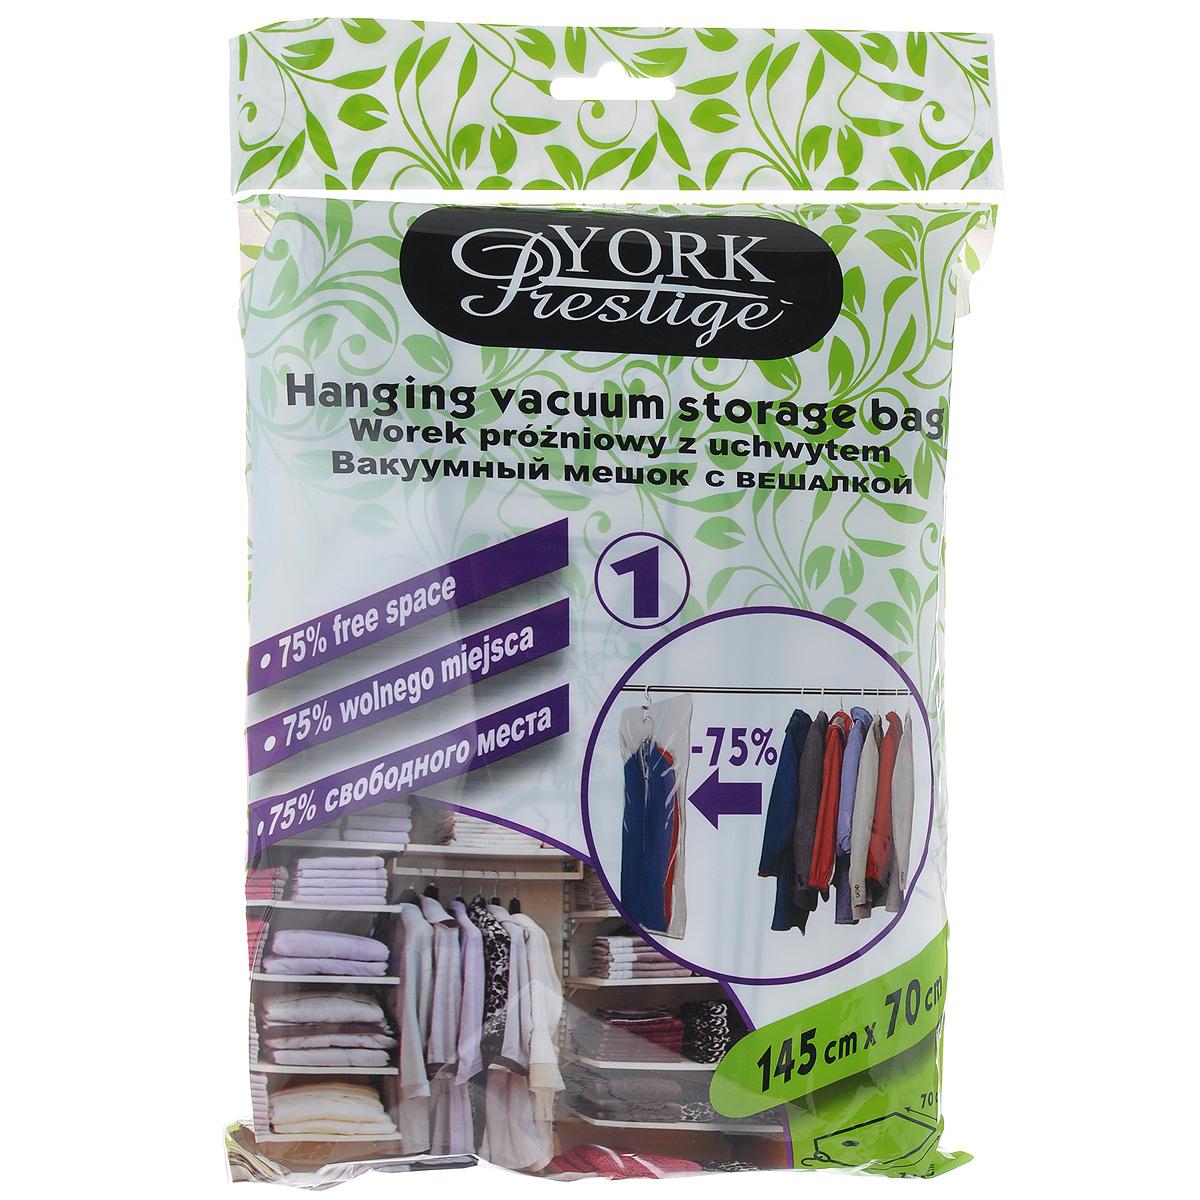 """Вакуумный мешок York """"Prestige"""", с вешалкой, 145 см х 70 см 9306"""